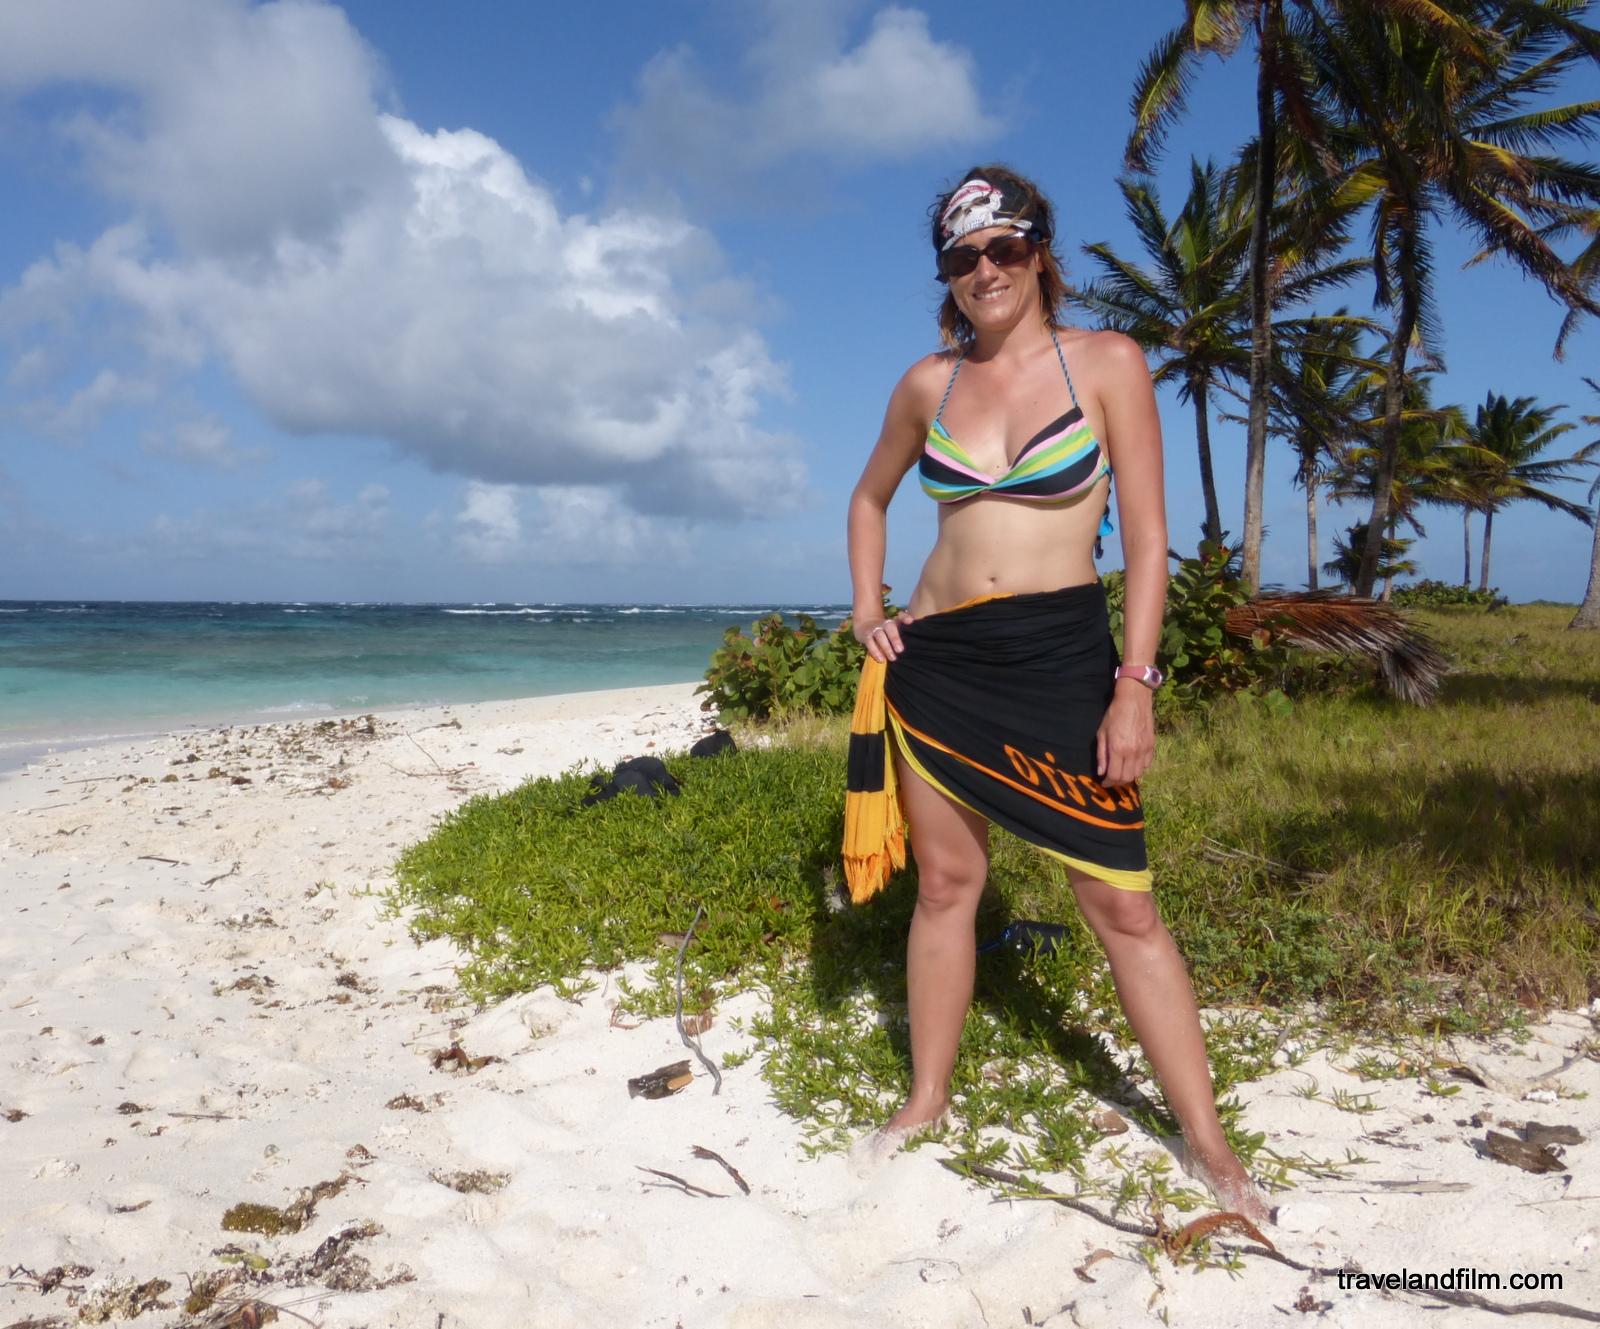 Visiter Saint-Vincent-et-les-Grenadines En Mode Pirates Des Caraïbes